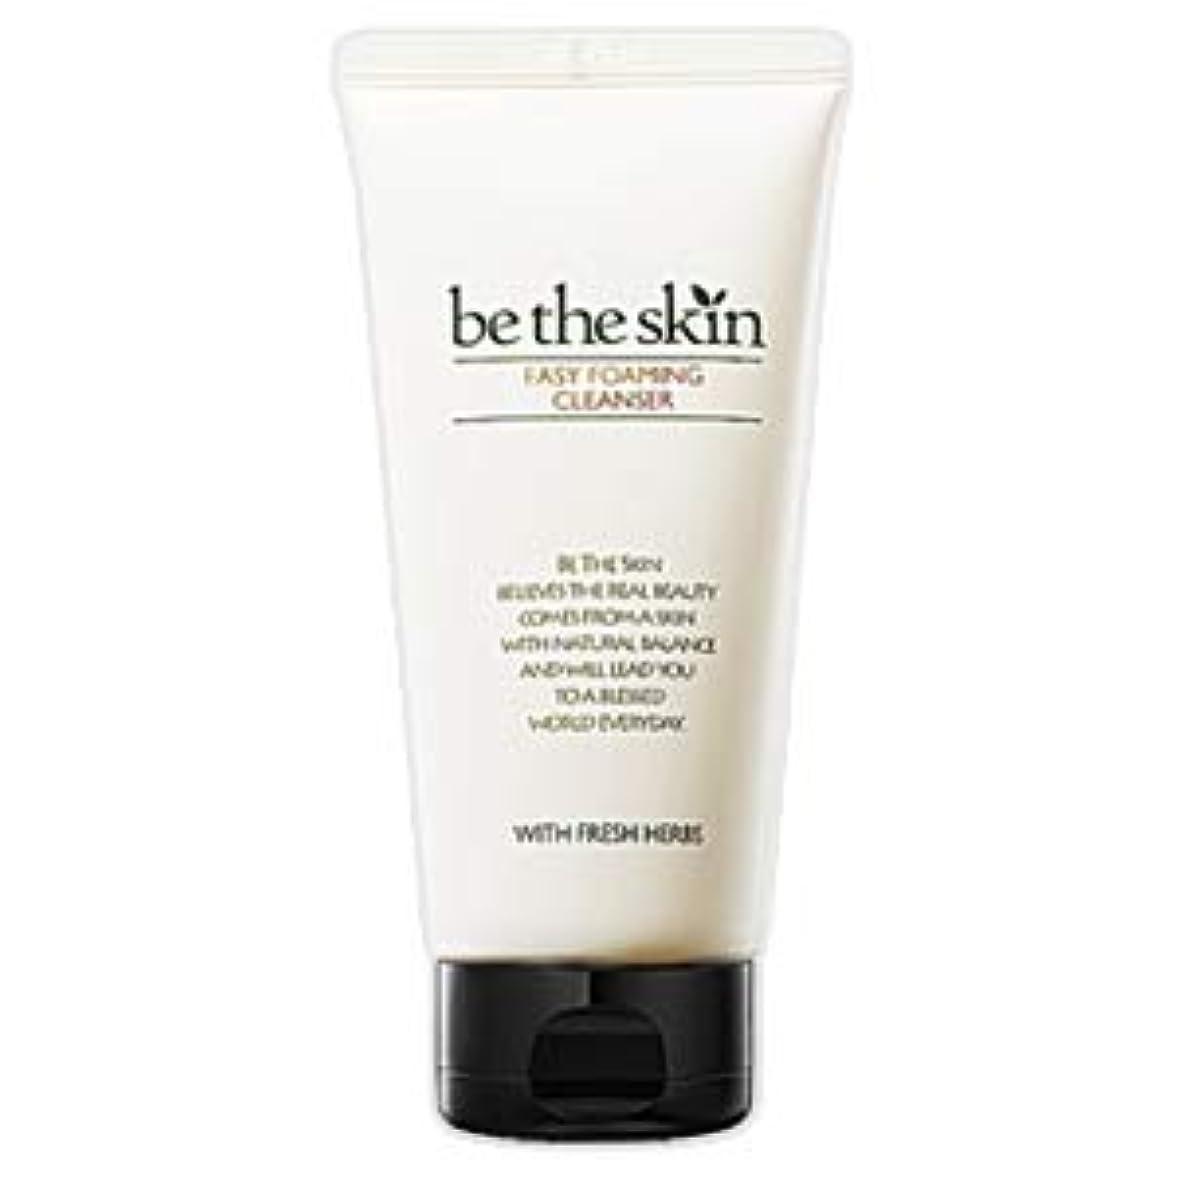 考古学的な移動けがをするbe the skin イージー フォーミング クレンザー / Easy Foaming Cleanser (150g) [並行輸入品]